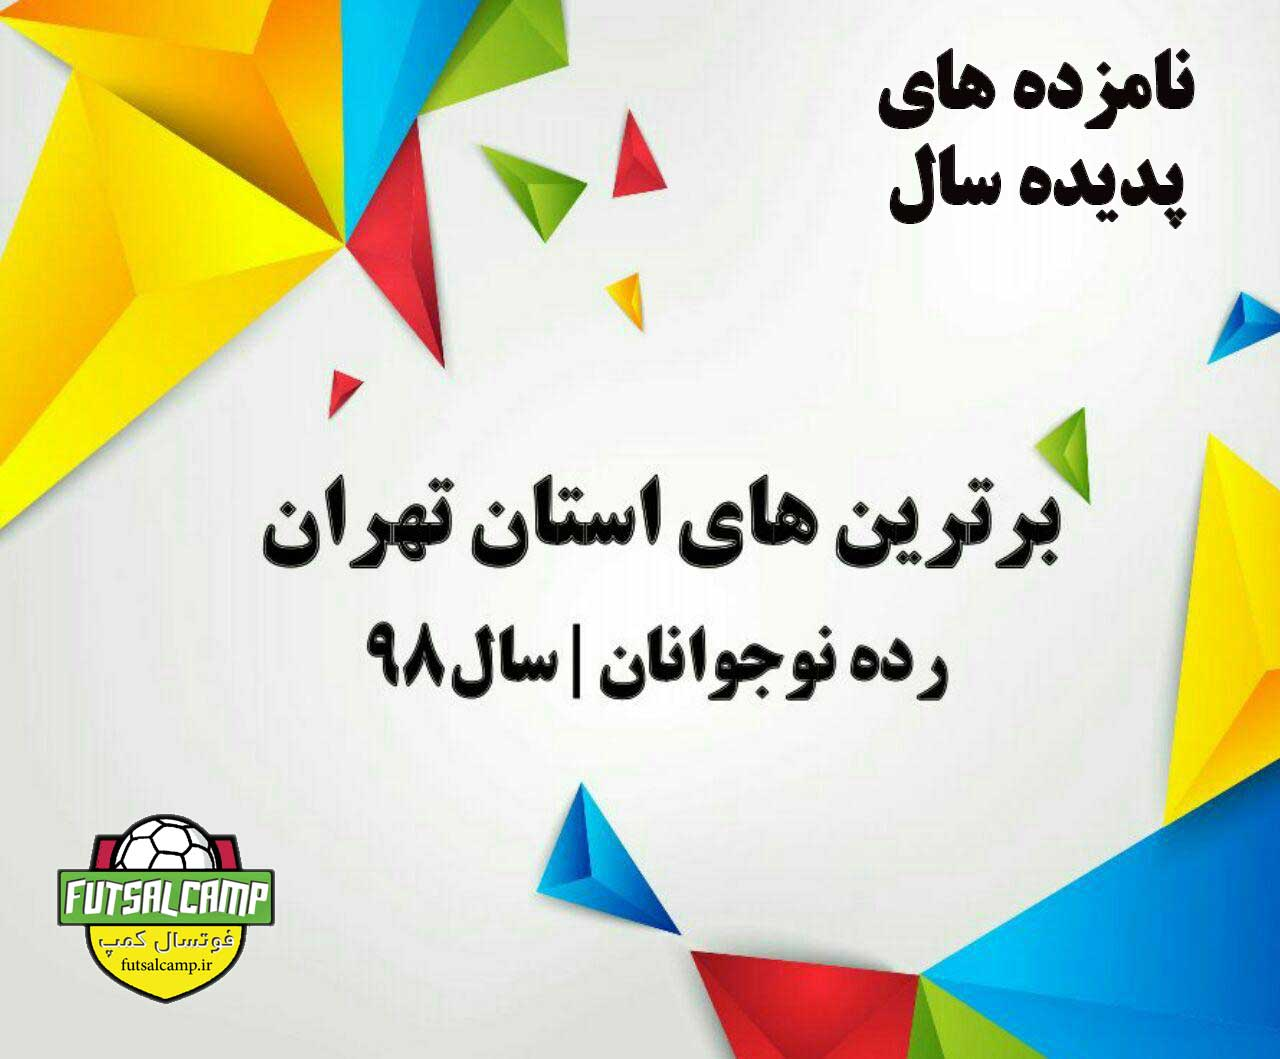 نامزدهای پدیده سال 98 فوتسال نوجوانان تهران